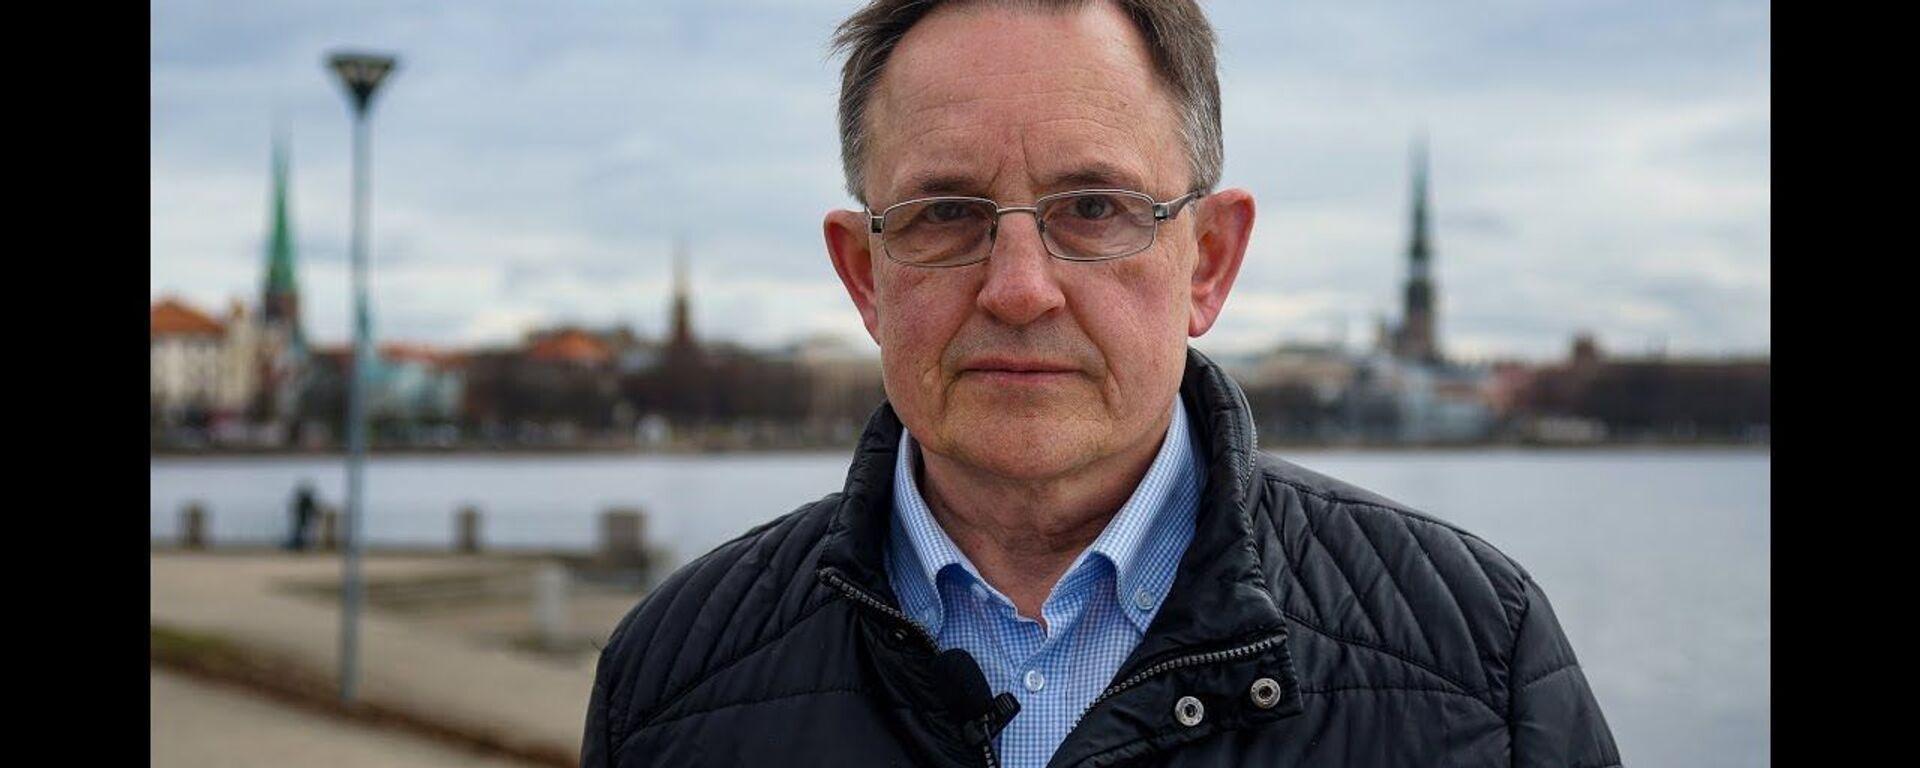 Latvijas varas vajātie žurnālisti vēršas pie ANO ģenerālsekretāra - Sputnik Latvija, 1920, 03.05.2021